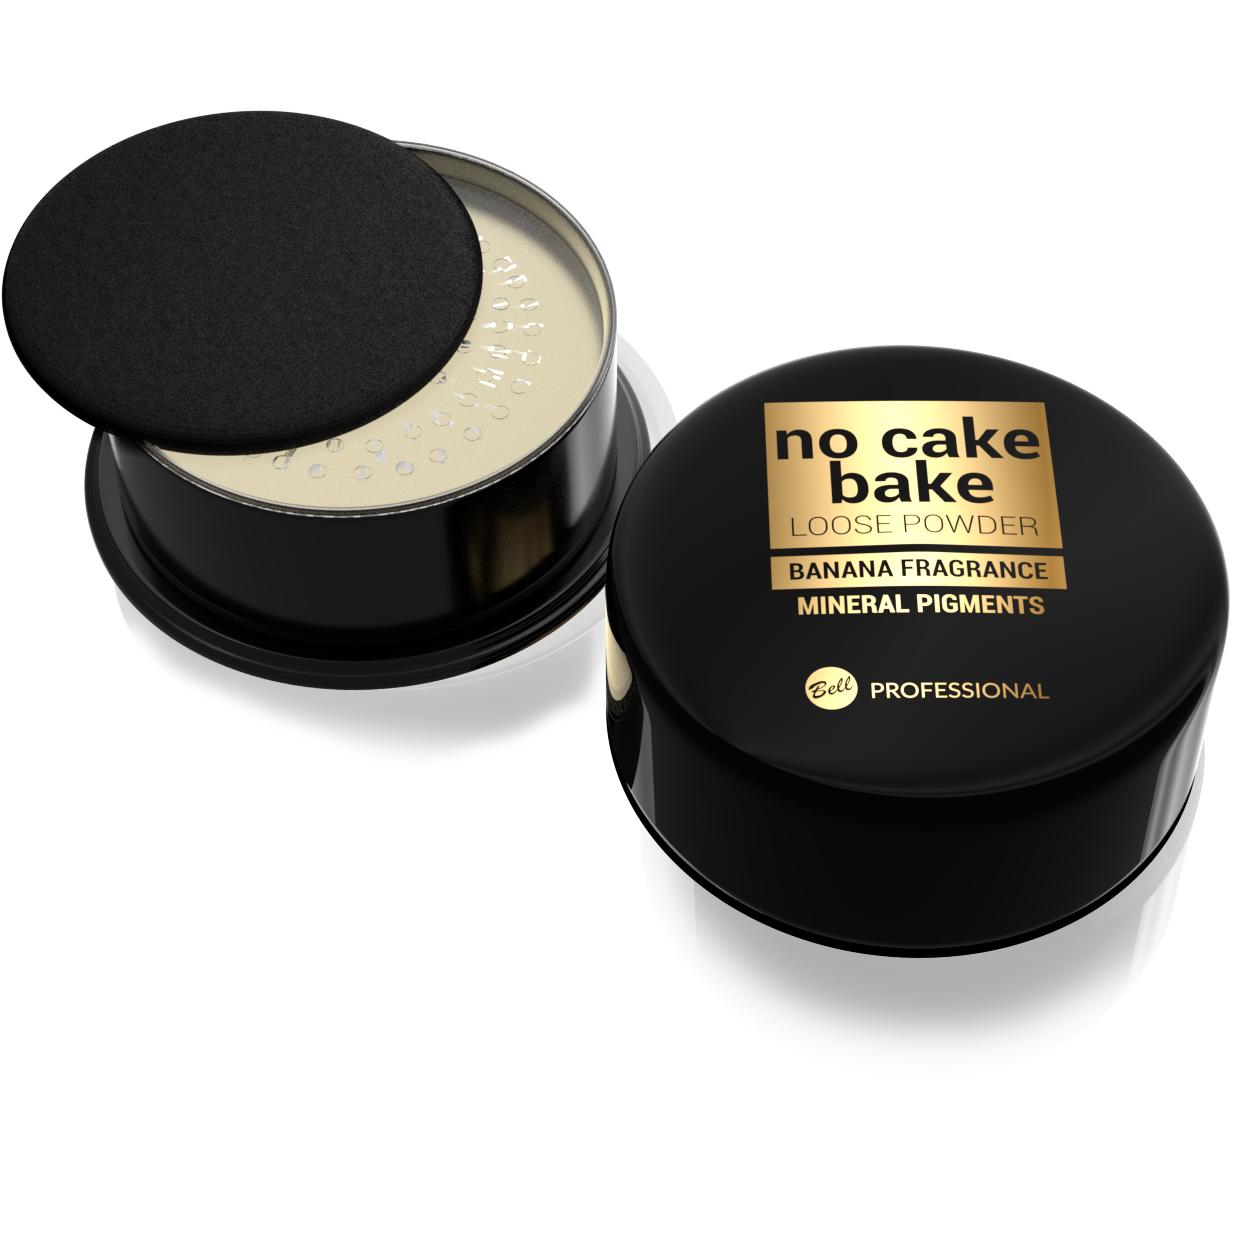 Professional No Cake Bake Loose Powder